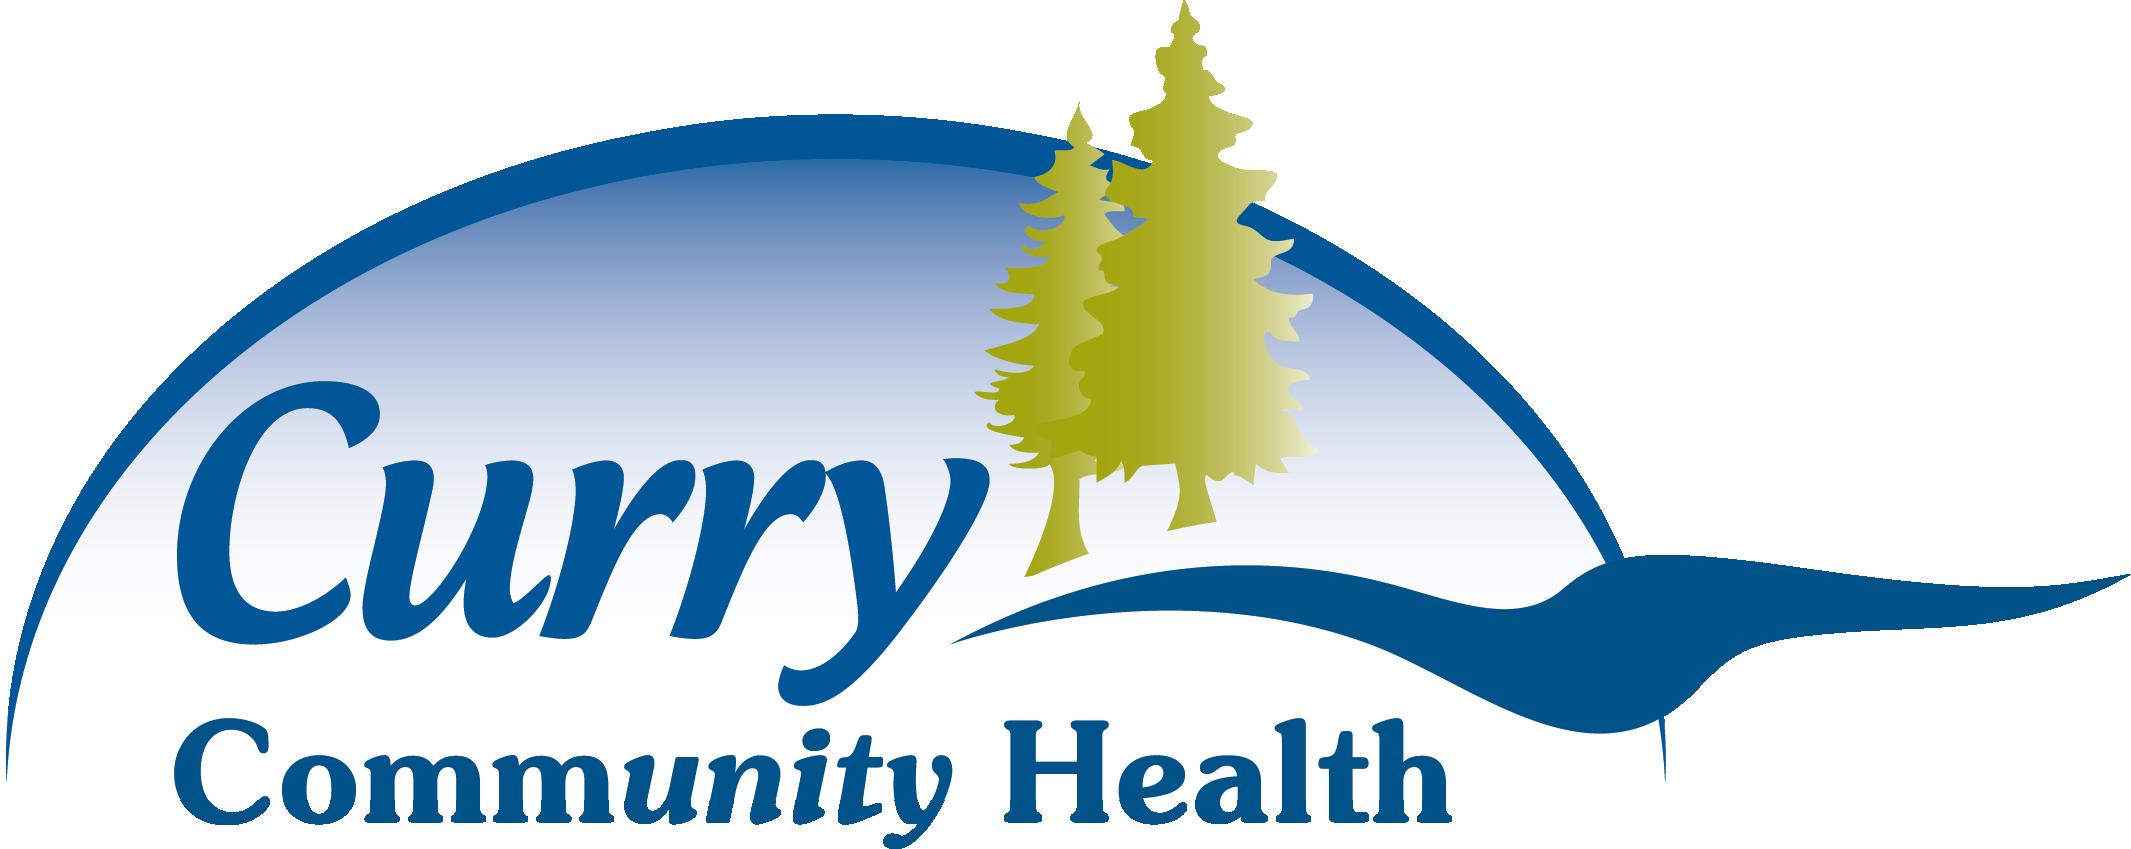 Curry Community Health, Oregon